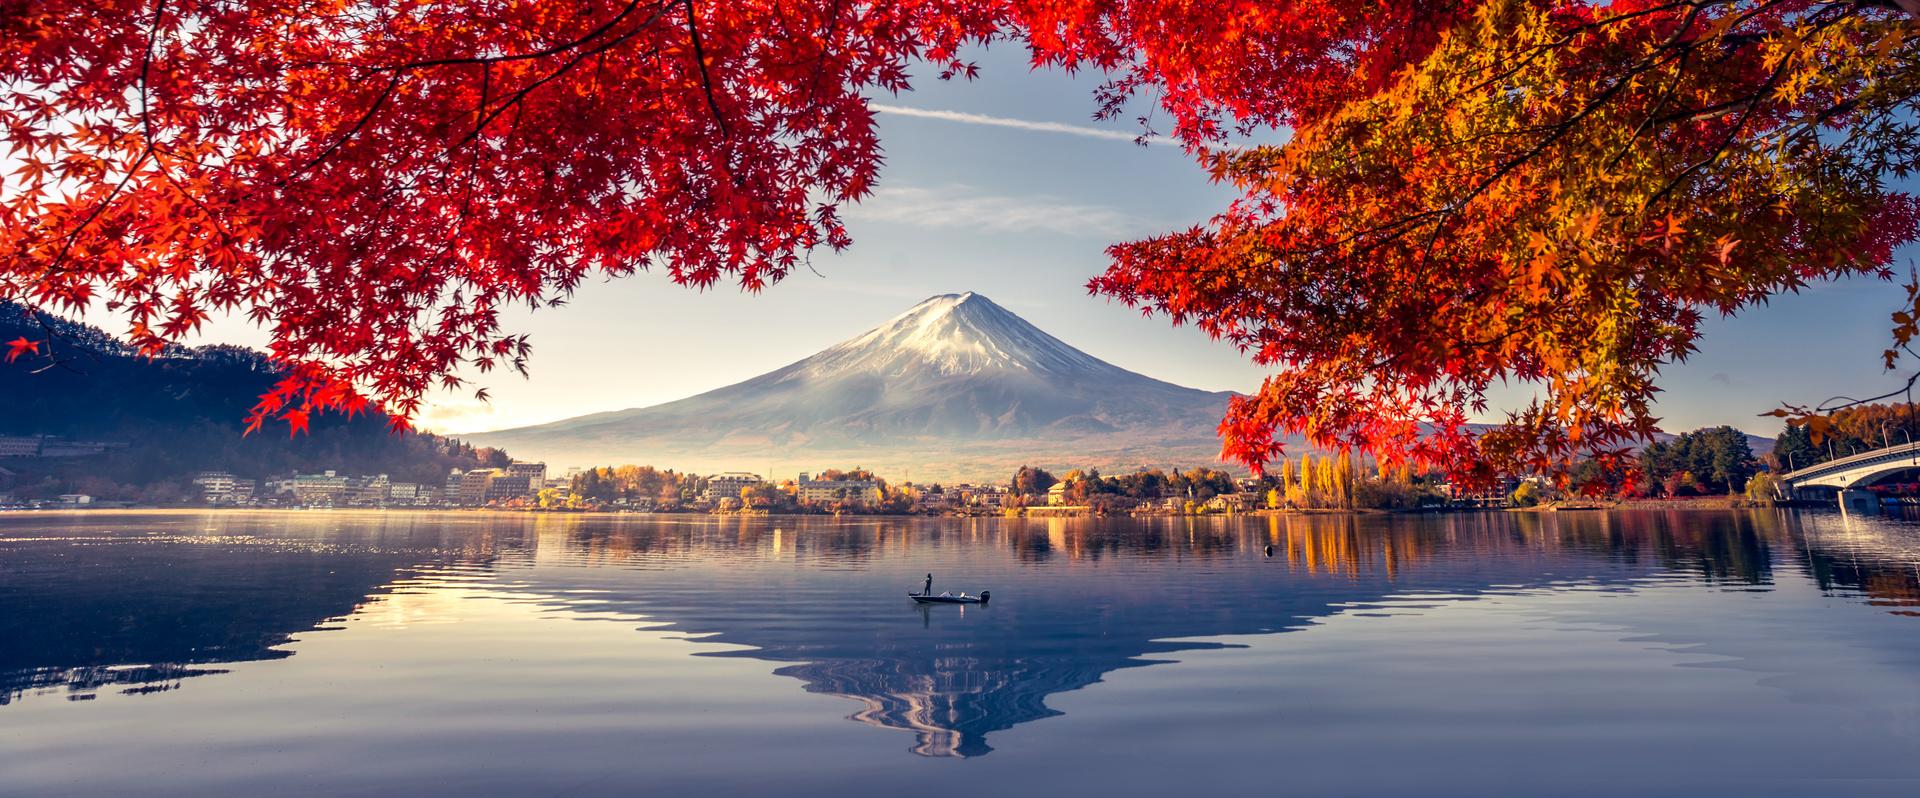 Fototapeta z widokiem na wulkan Fudżi, jezioro oraz drzewa, kontrast barw ciepłych i zimnych